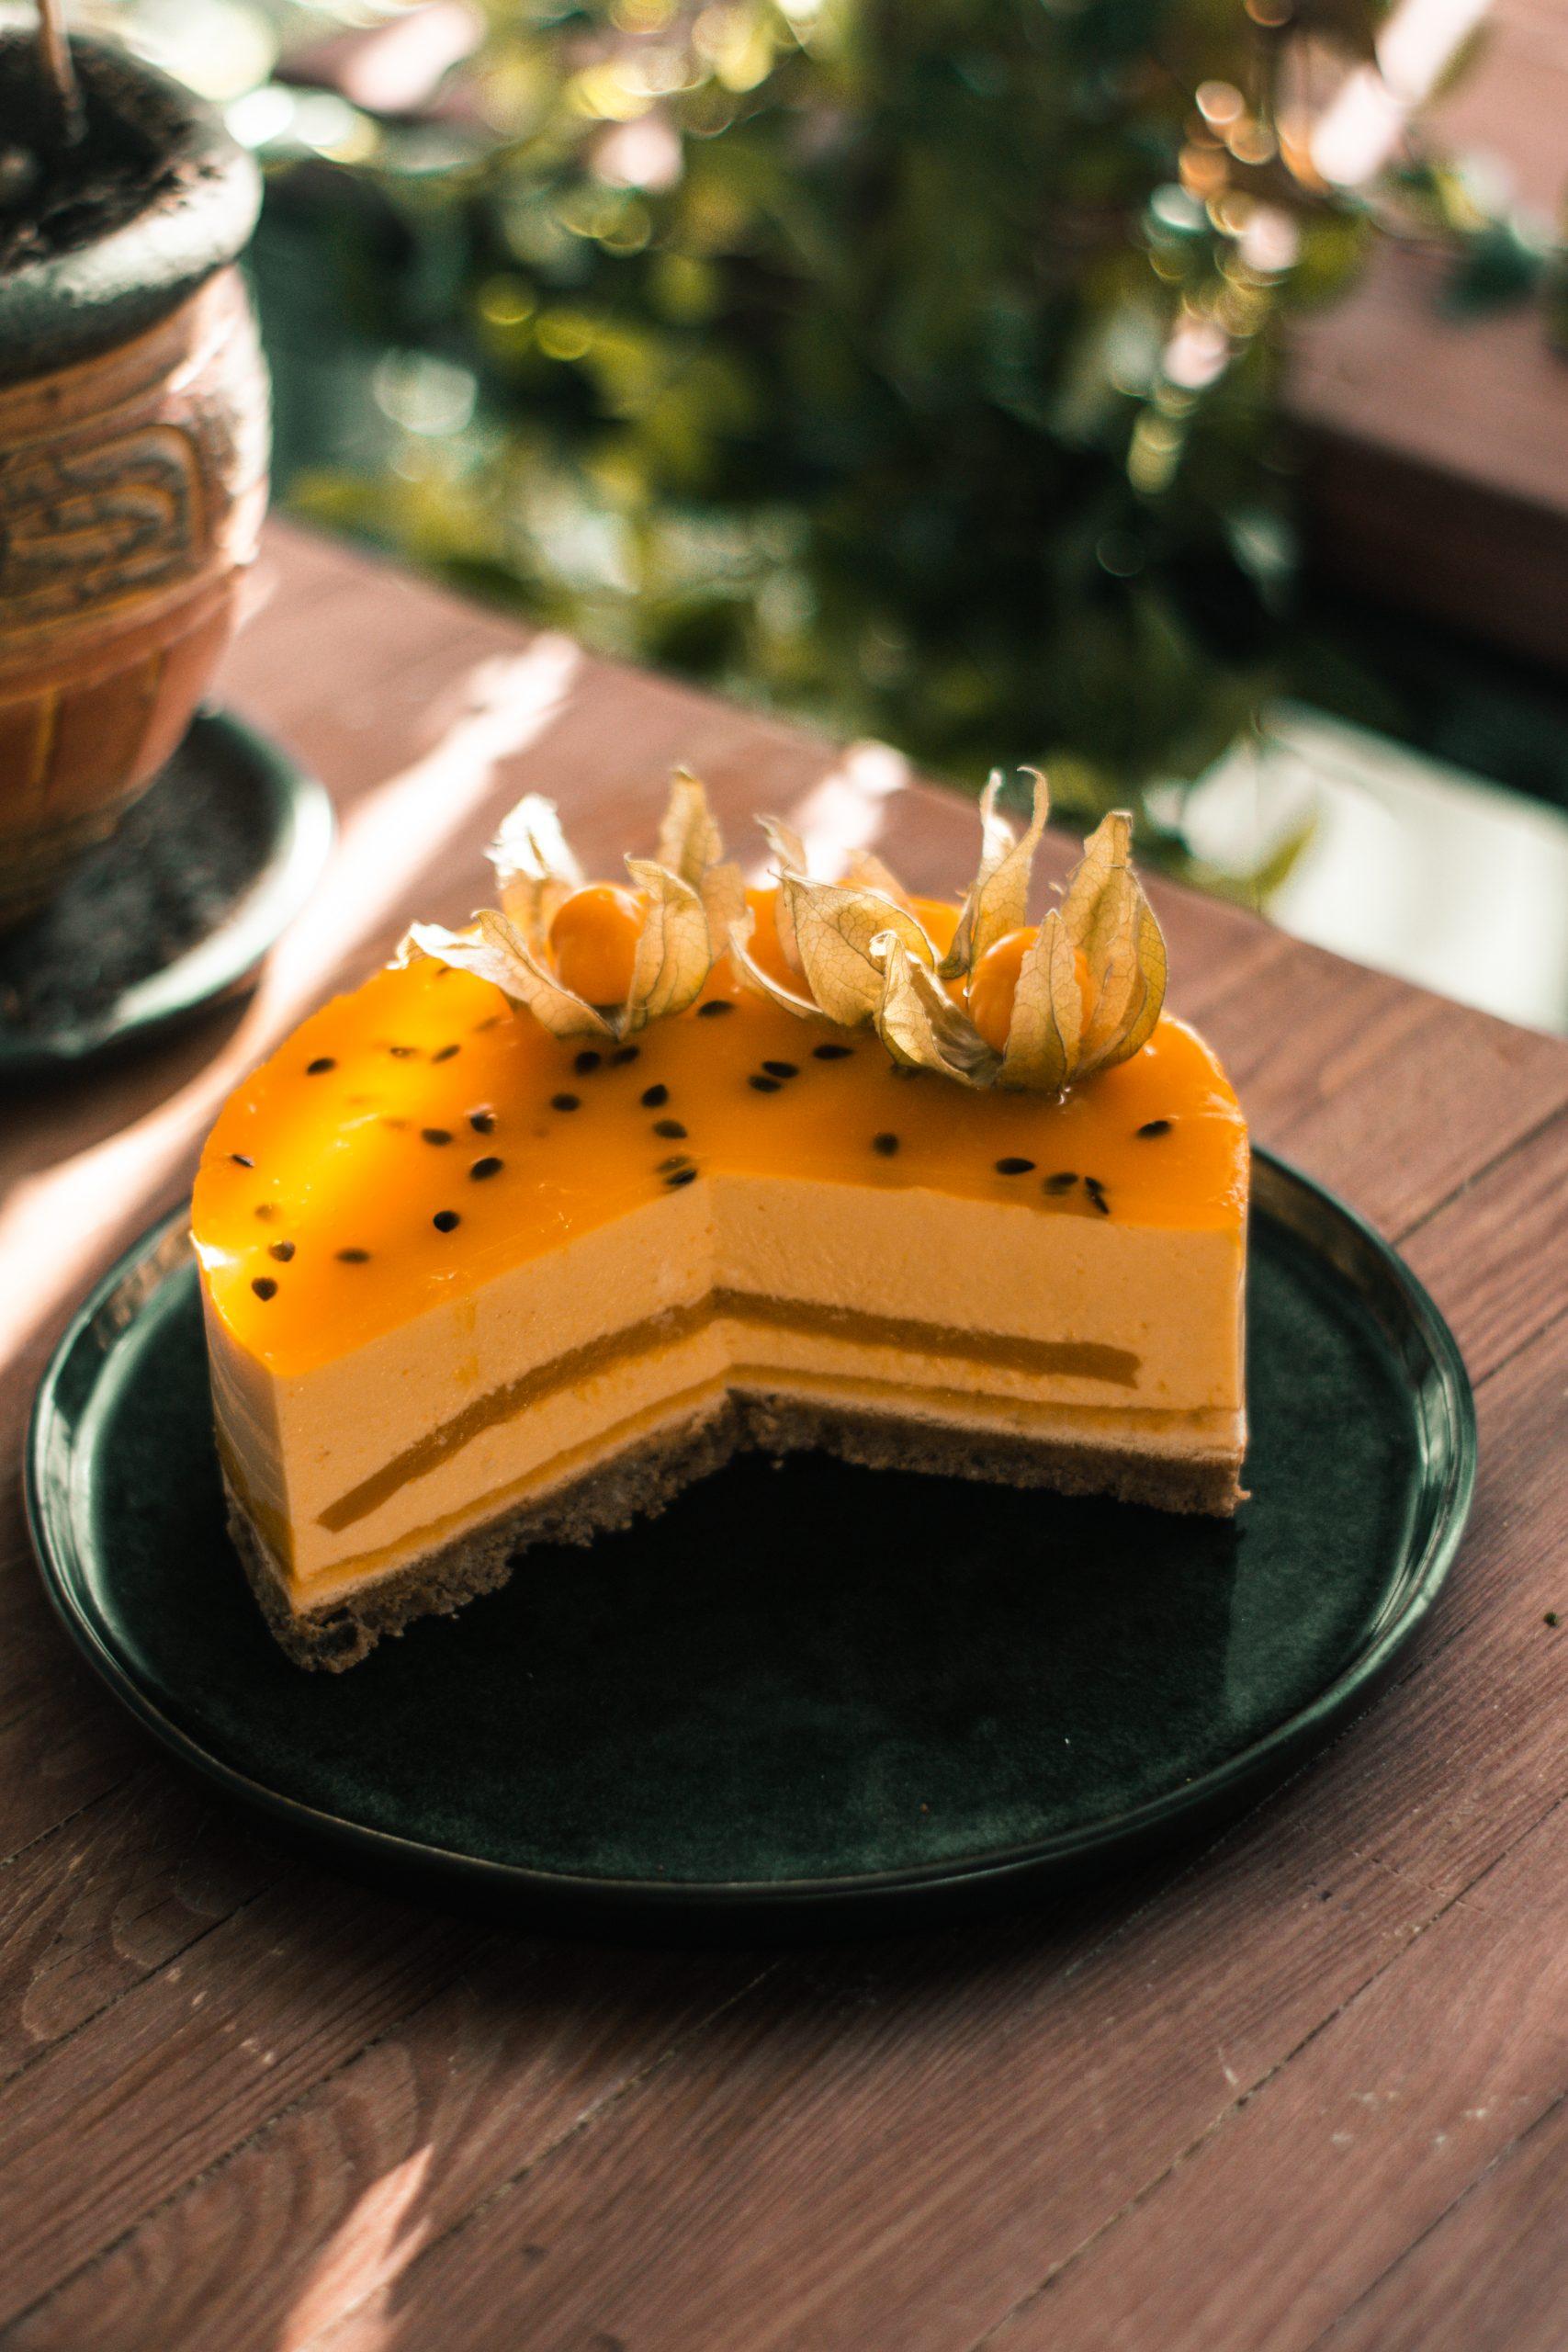 Mangų- pasiflorų tortas (apie 1 kg.)